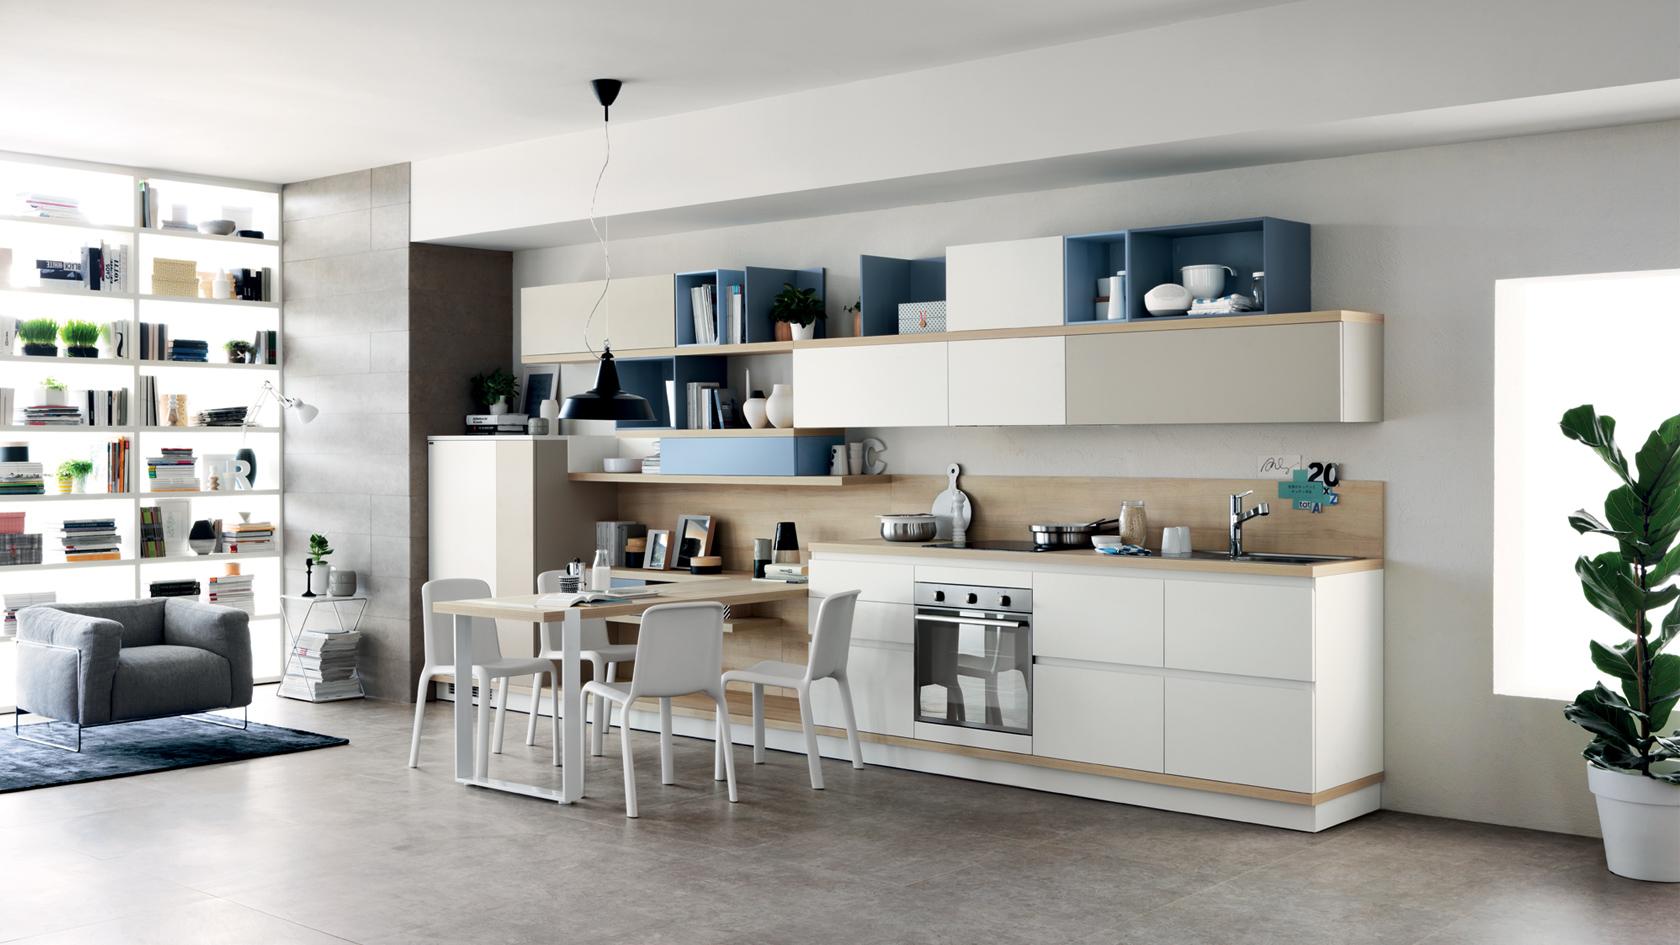 Arredamento Tavoli Arredamento Per La Casa Ed Il Giardino World  #384D5D 1680 945 Ikea Tavolini Da Salotto